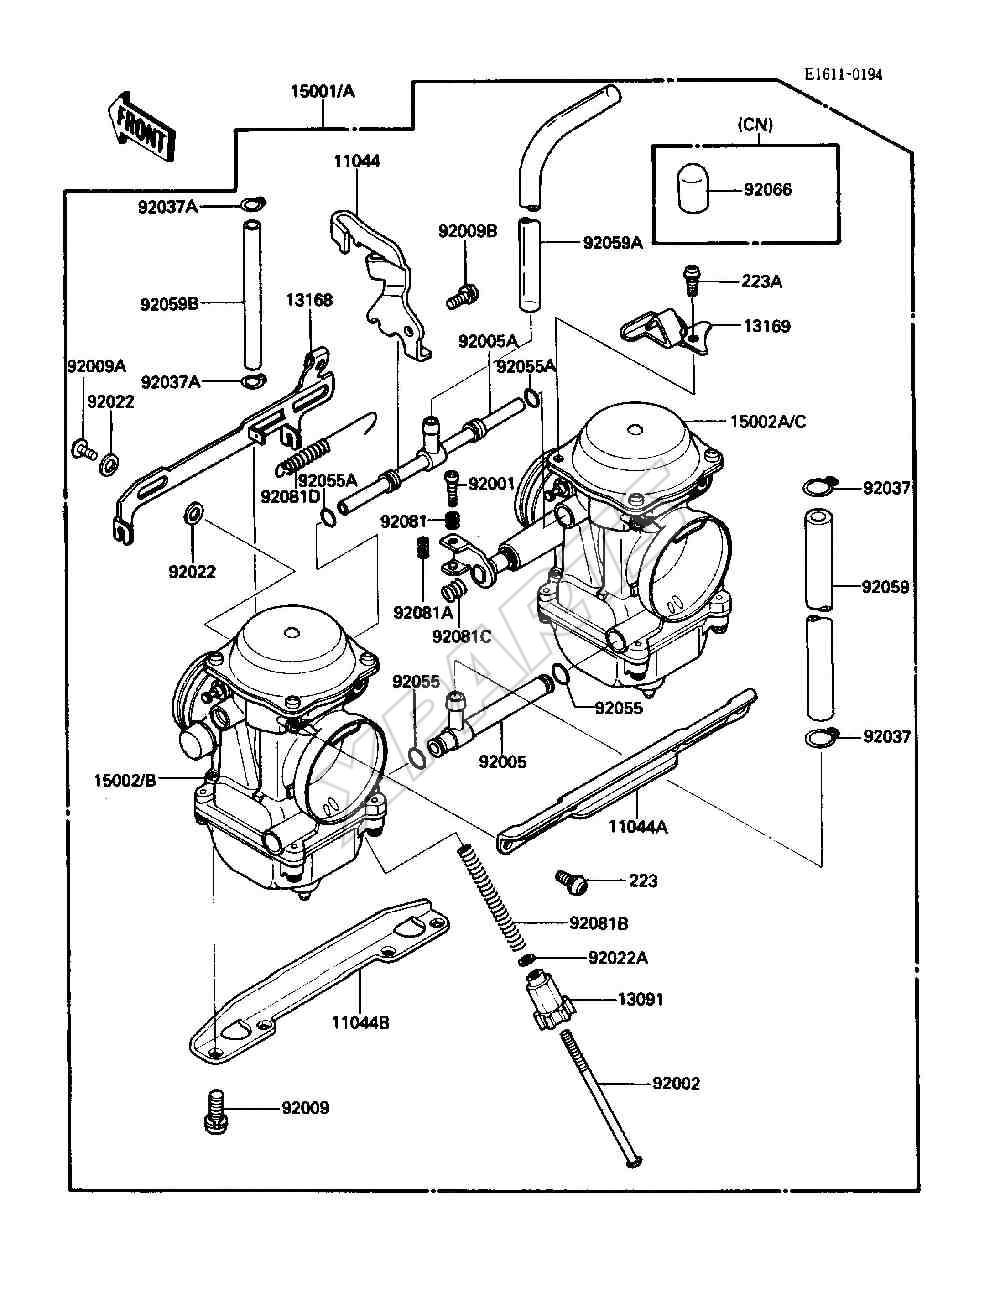 Kawasaki 454 LTD (EN450-A2) Carburetor (1986)